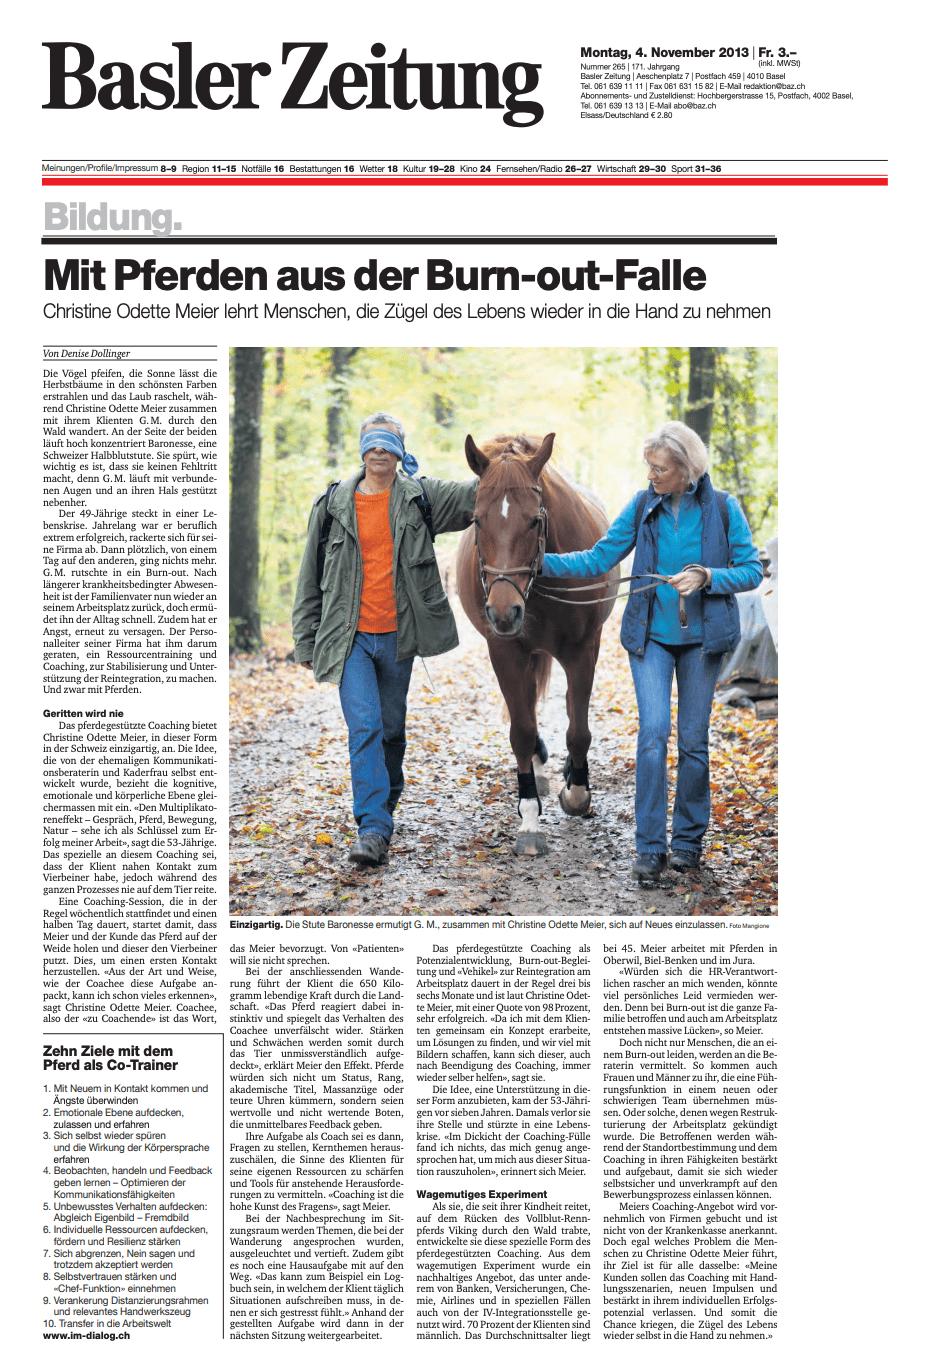 Medienbericht_Baslerzeitung_Mit dem Pferd aus der Burn-out-Falle